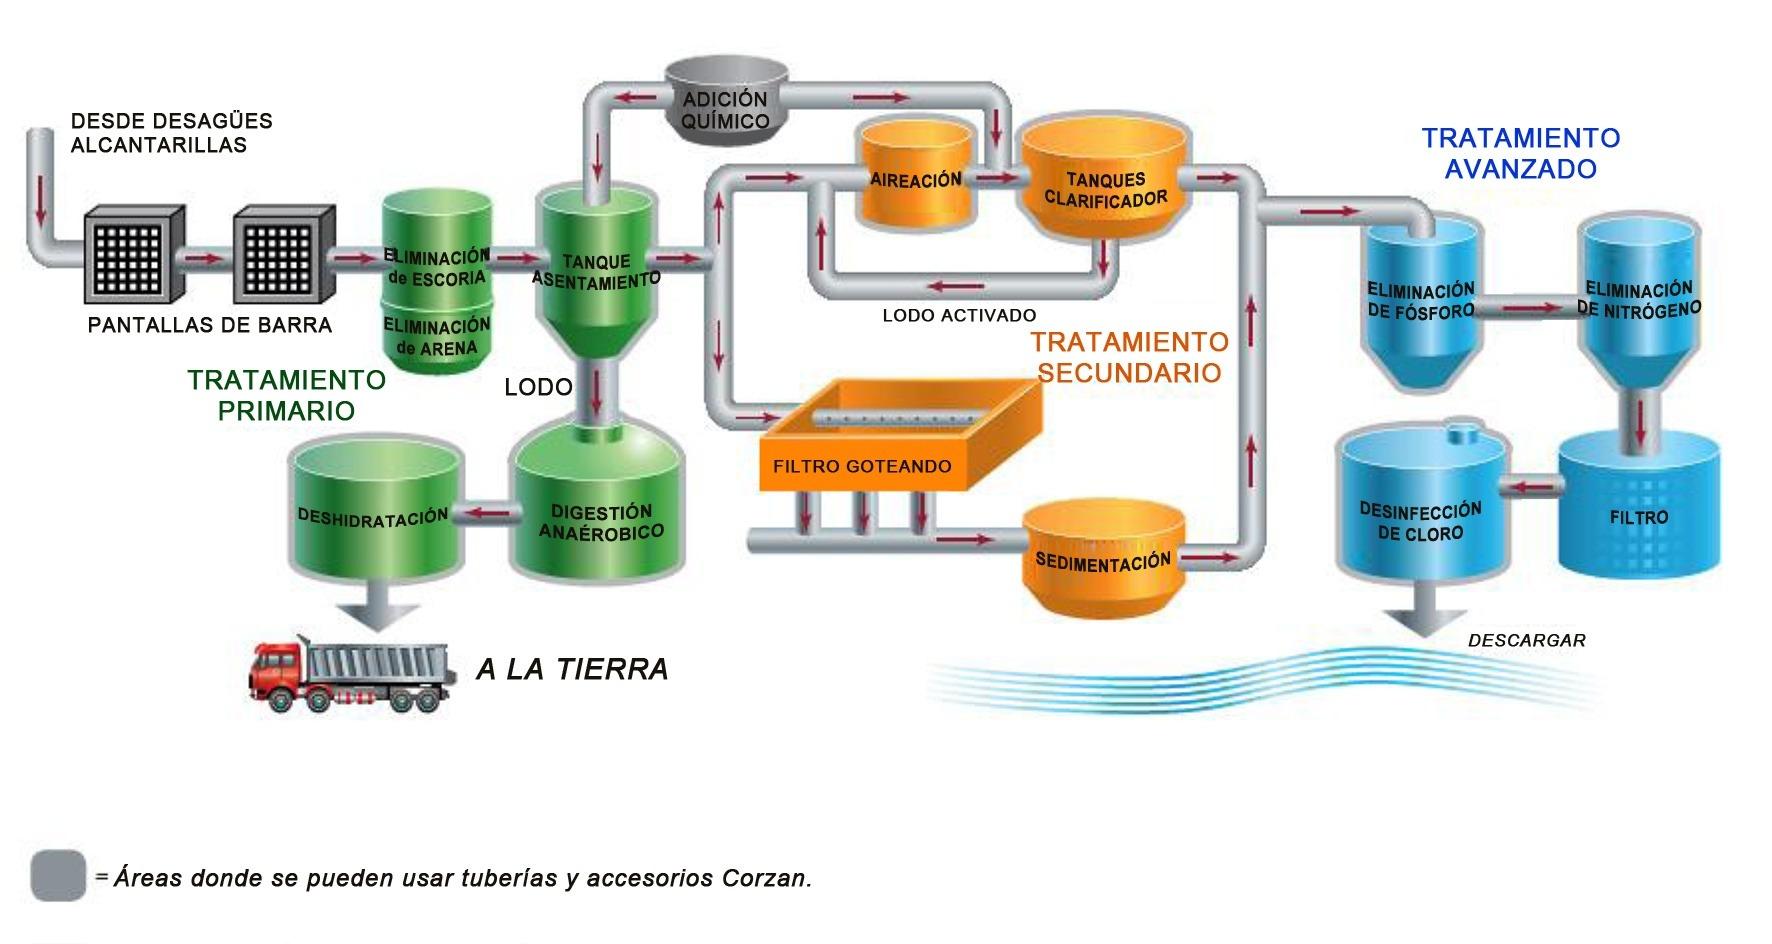 Diagrama de flujo del proceso de agua